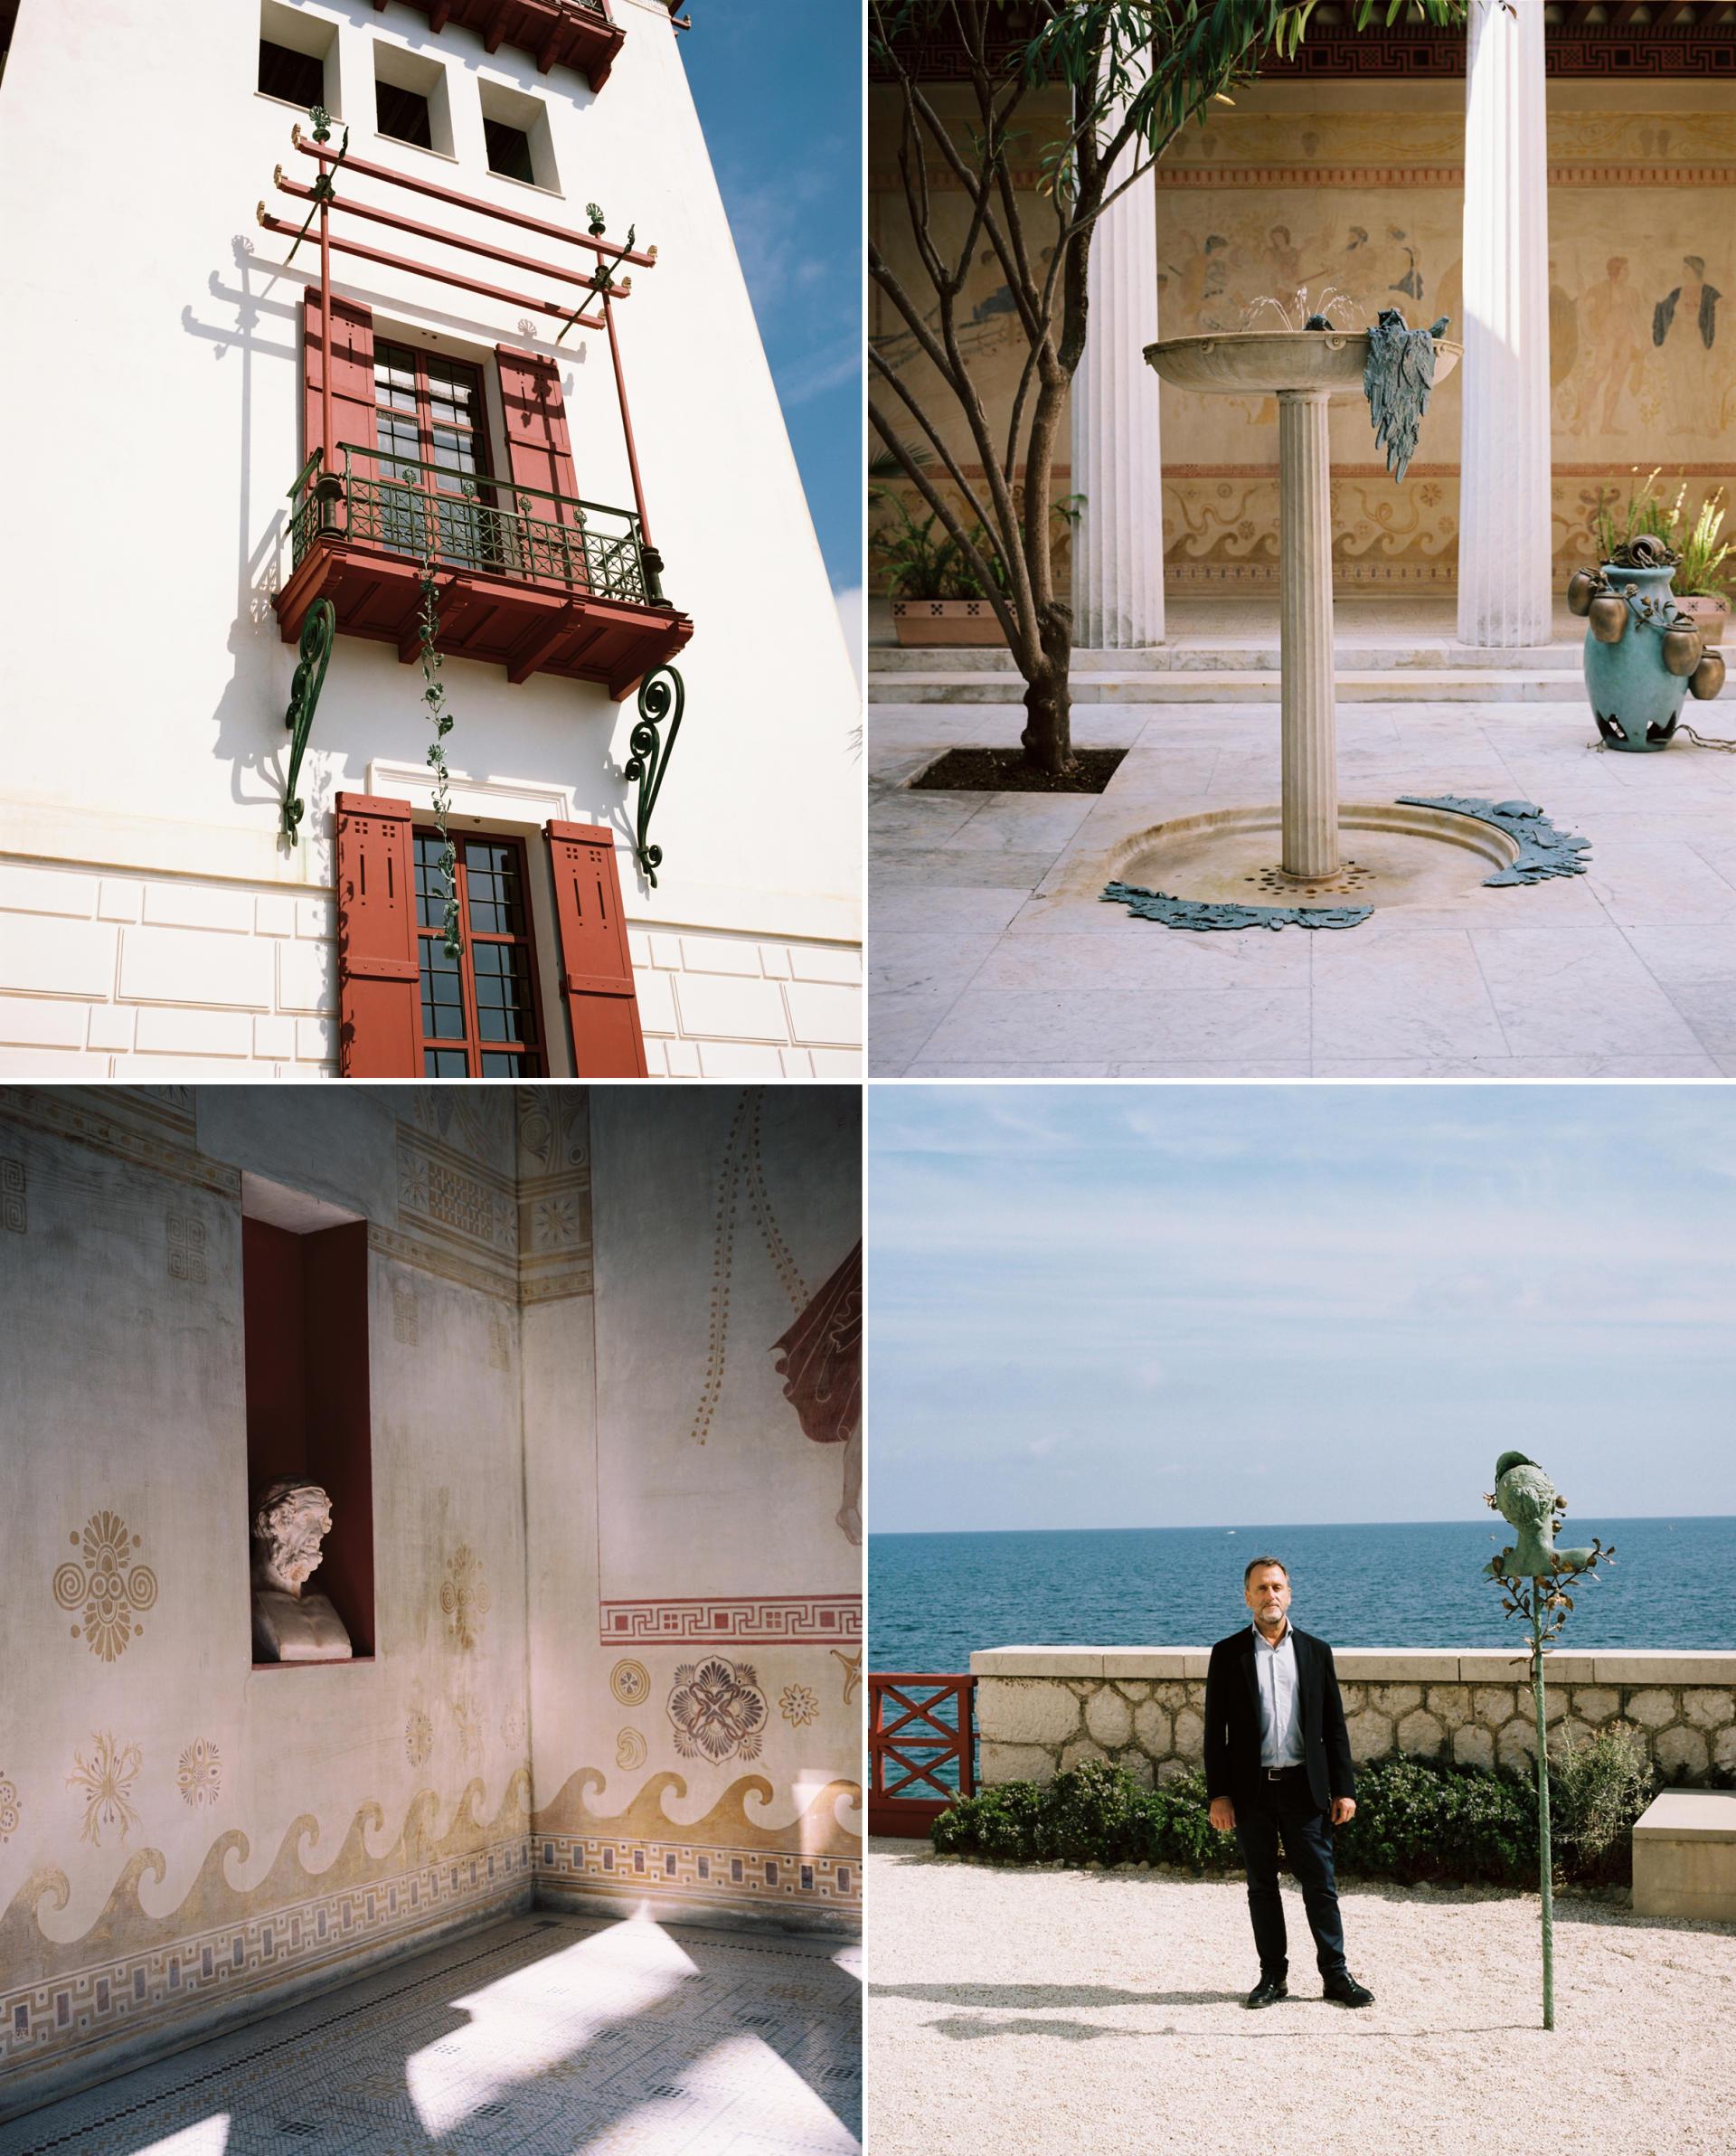 De gauche à droite et de haut en bas: la façade de la maison, le péristyle ceinturé par douze colonnes de marbre blanc de Carrare qui forme le plan d'une cour carrée, des fresques sur les murs du péristyle, illustrant des épisodes de la mythologie grecque, Hubert le Gall dans le jardin de la villa Kérylos.